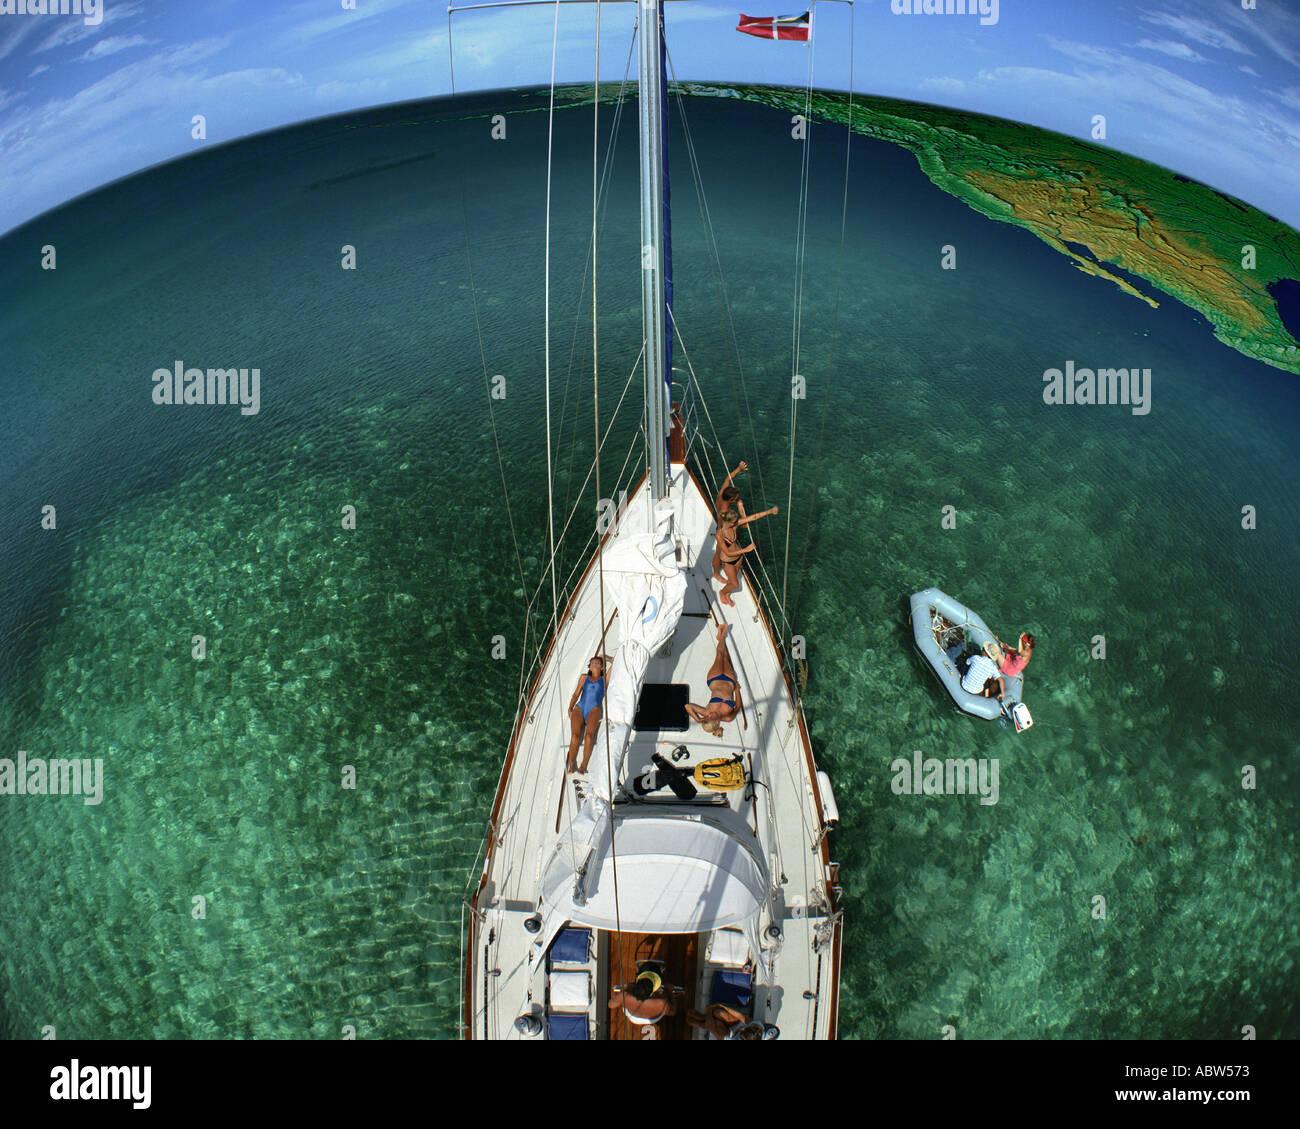 BH - Les BAHAMAS: voile le monde Photo Stock